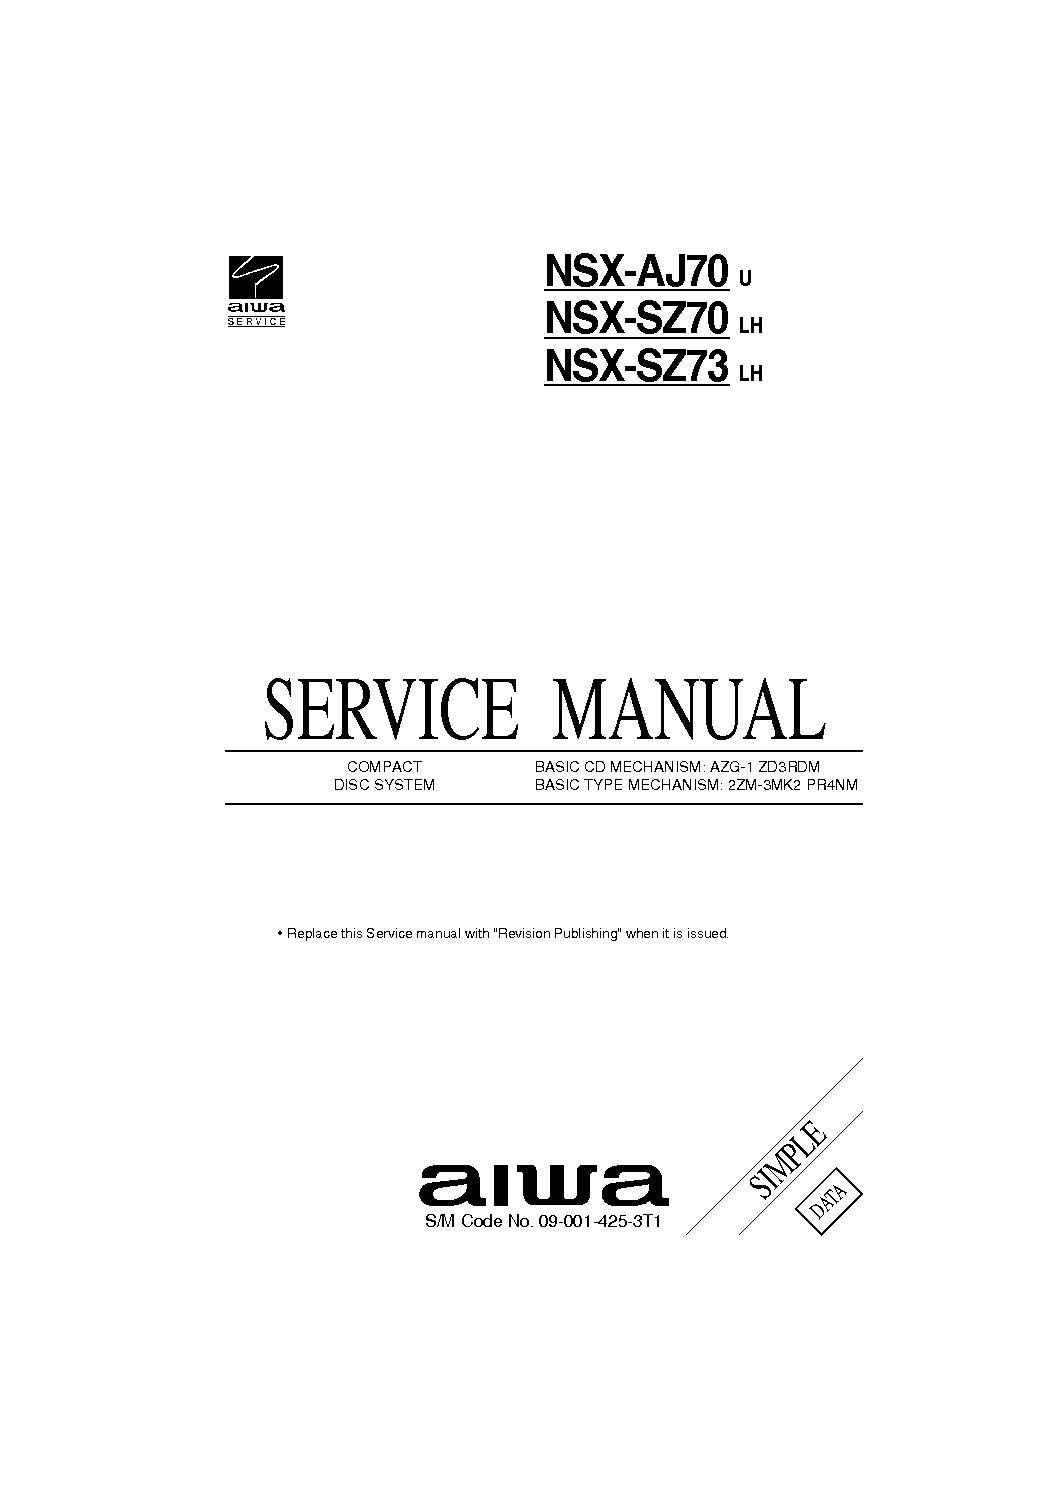 aiwa ad m700 f 66m service manual download schematics eeprom rh elektrotanya com  aiwa xc-700 service manual